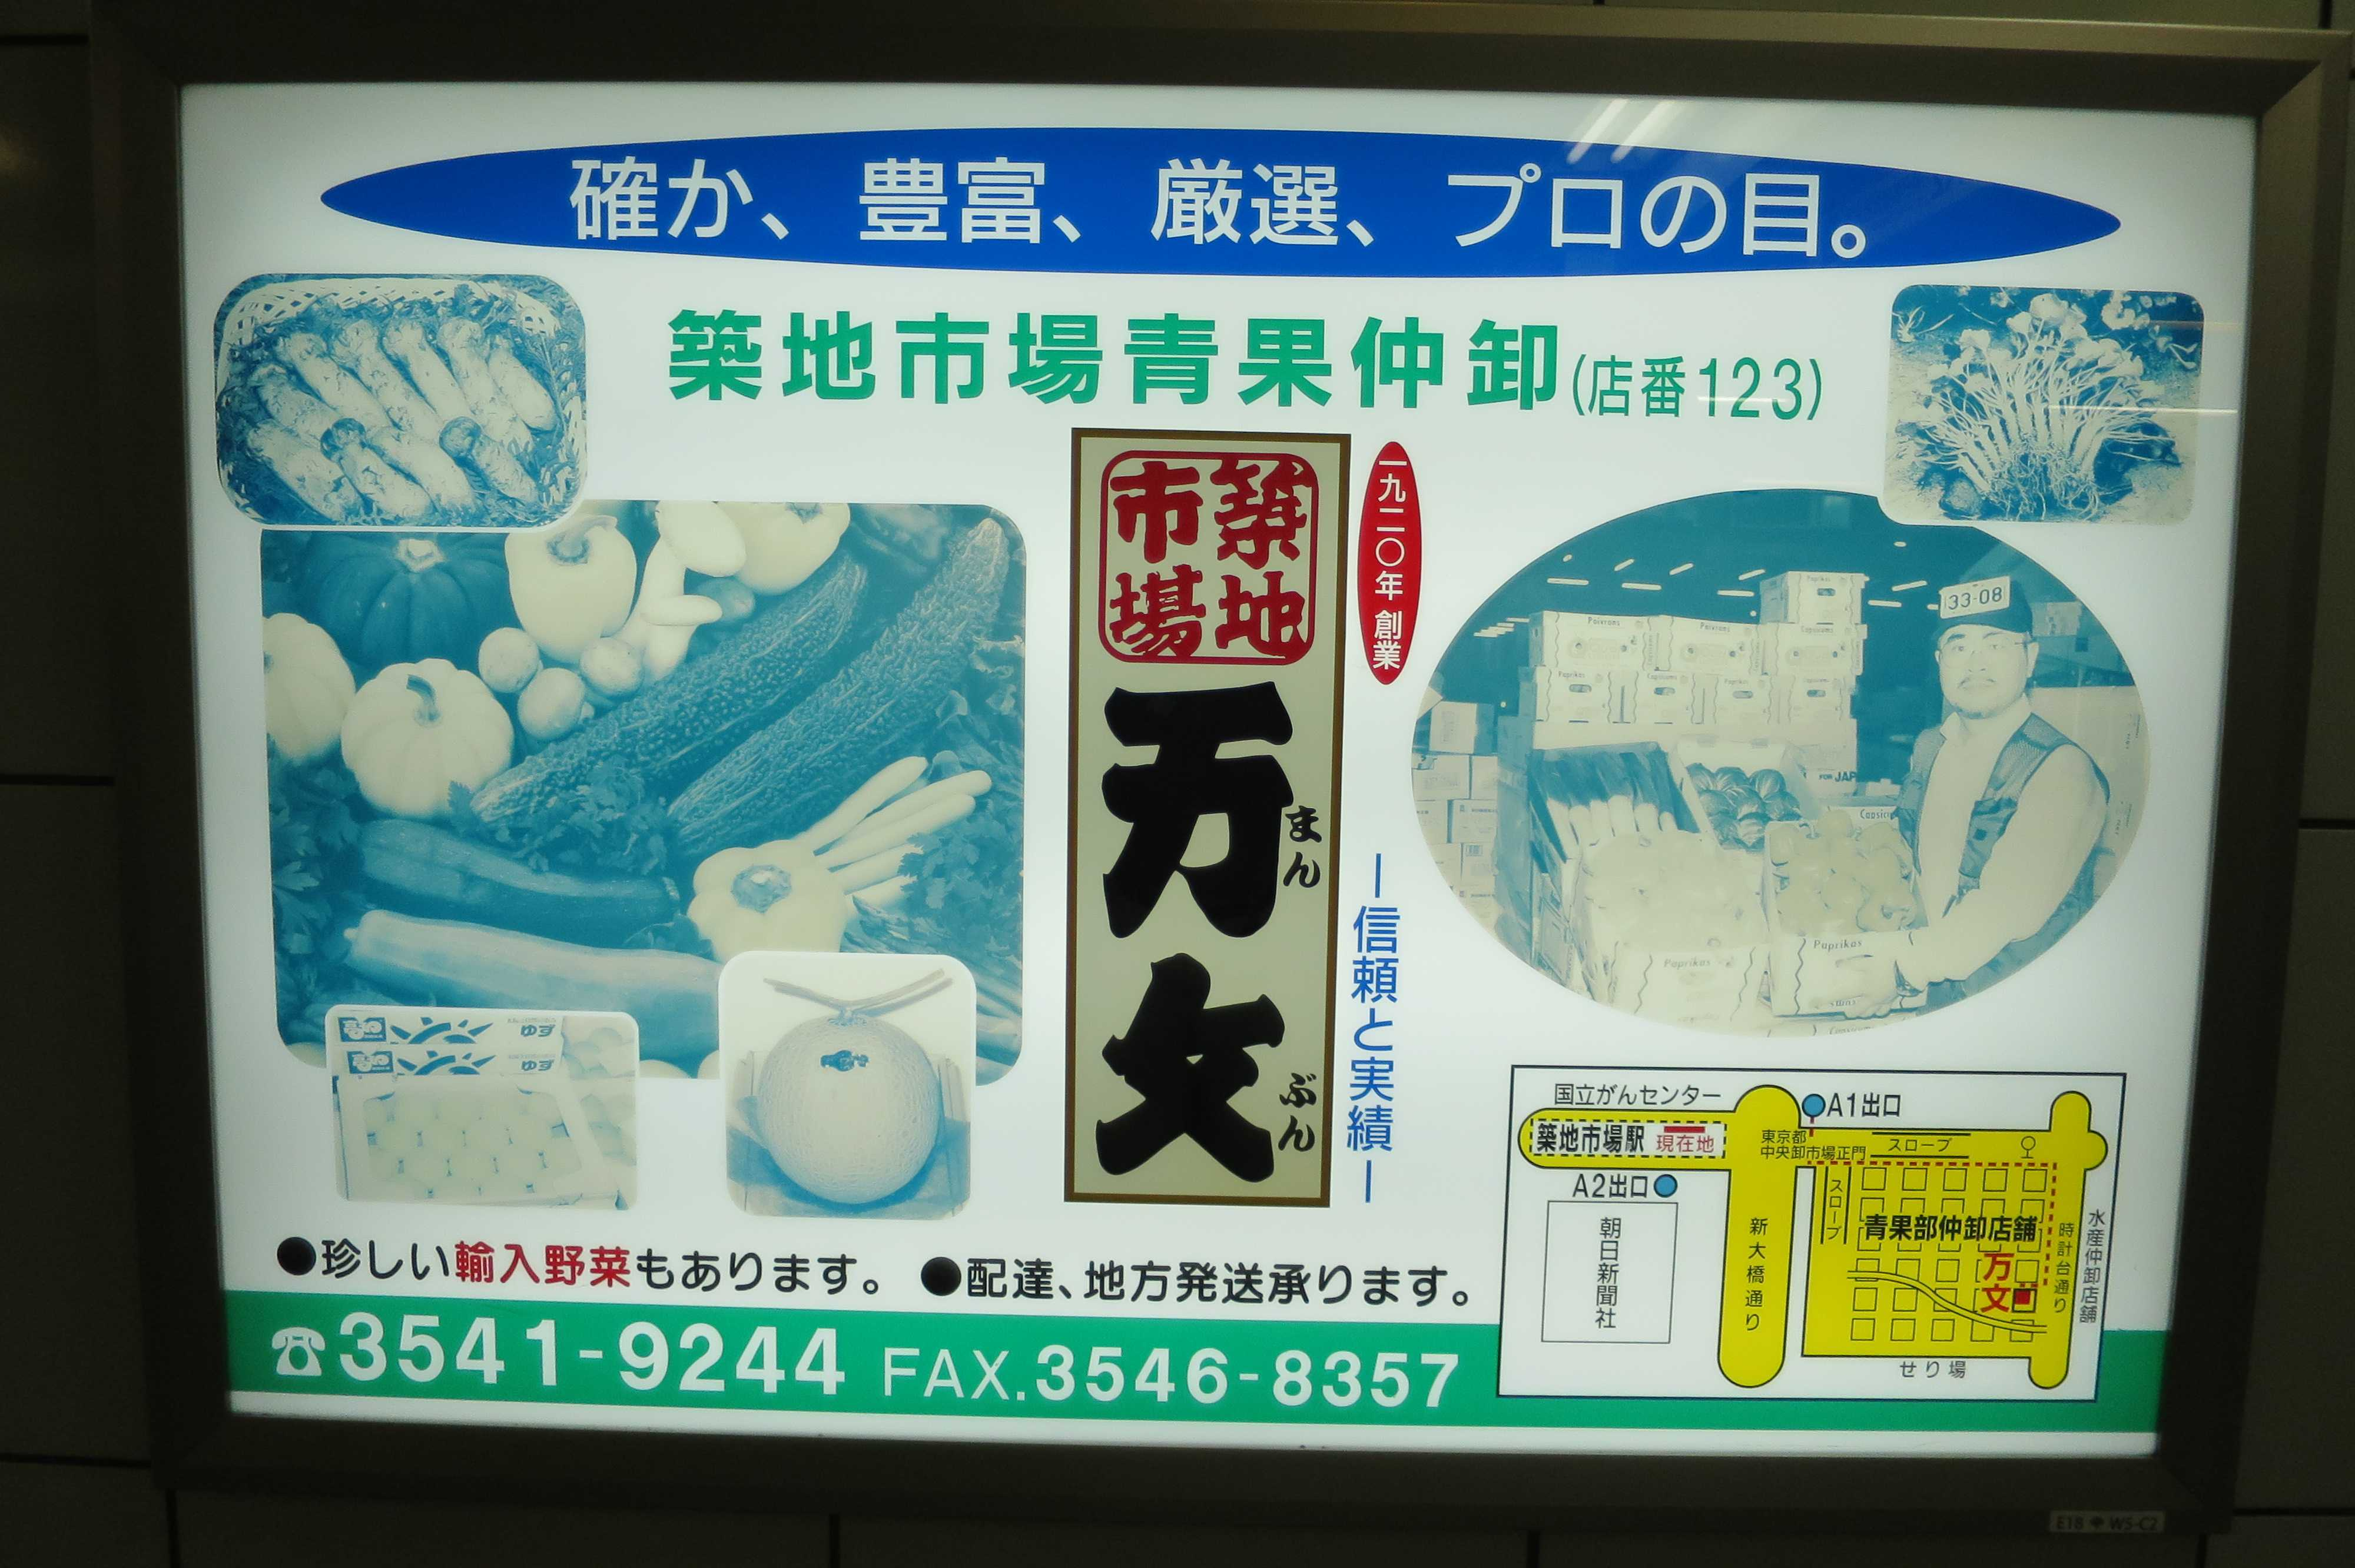 築地エリア - 大江戸線 築地市場駅の電飾看板(青果仲卸・万丈)